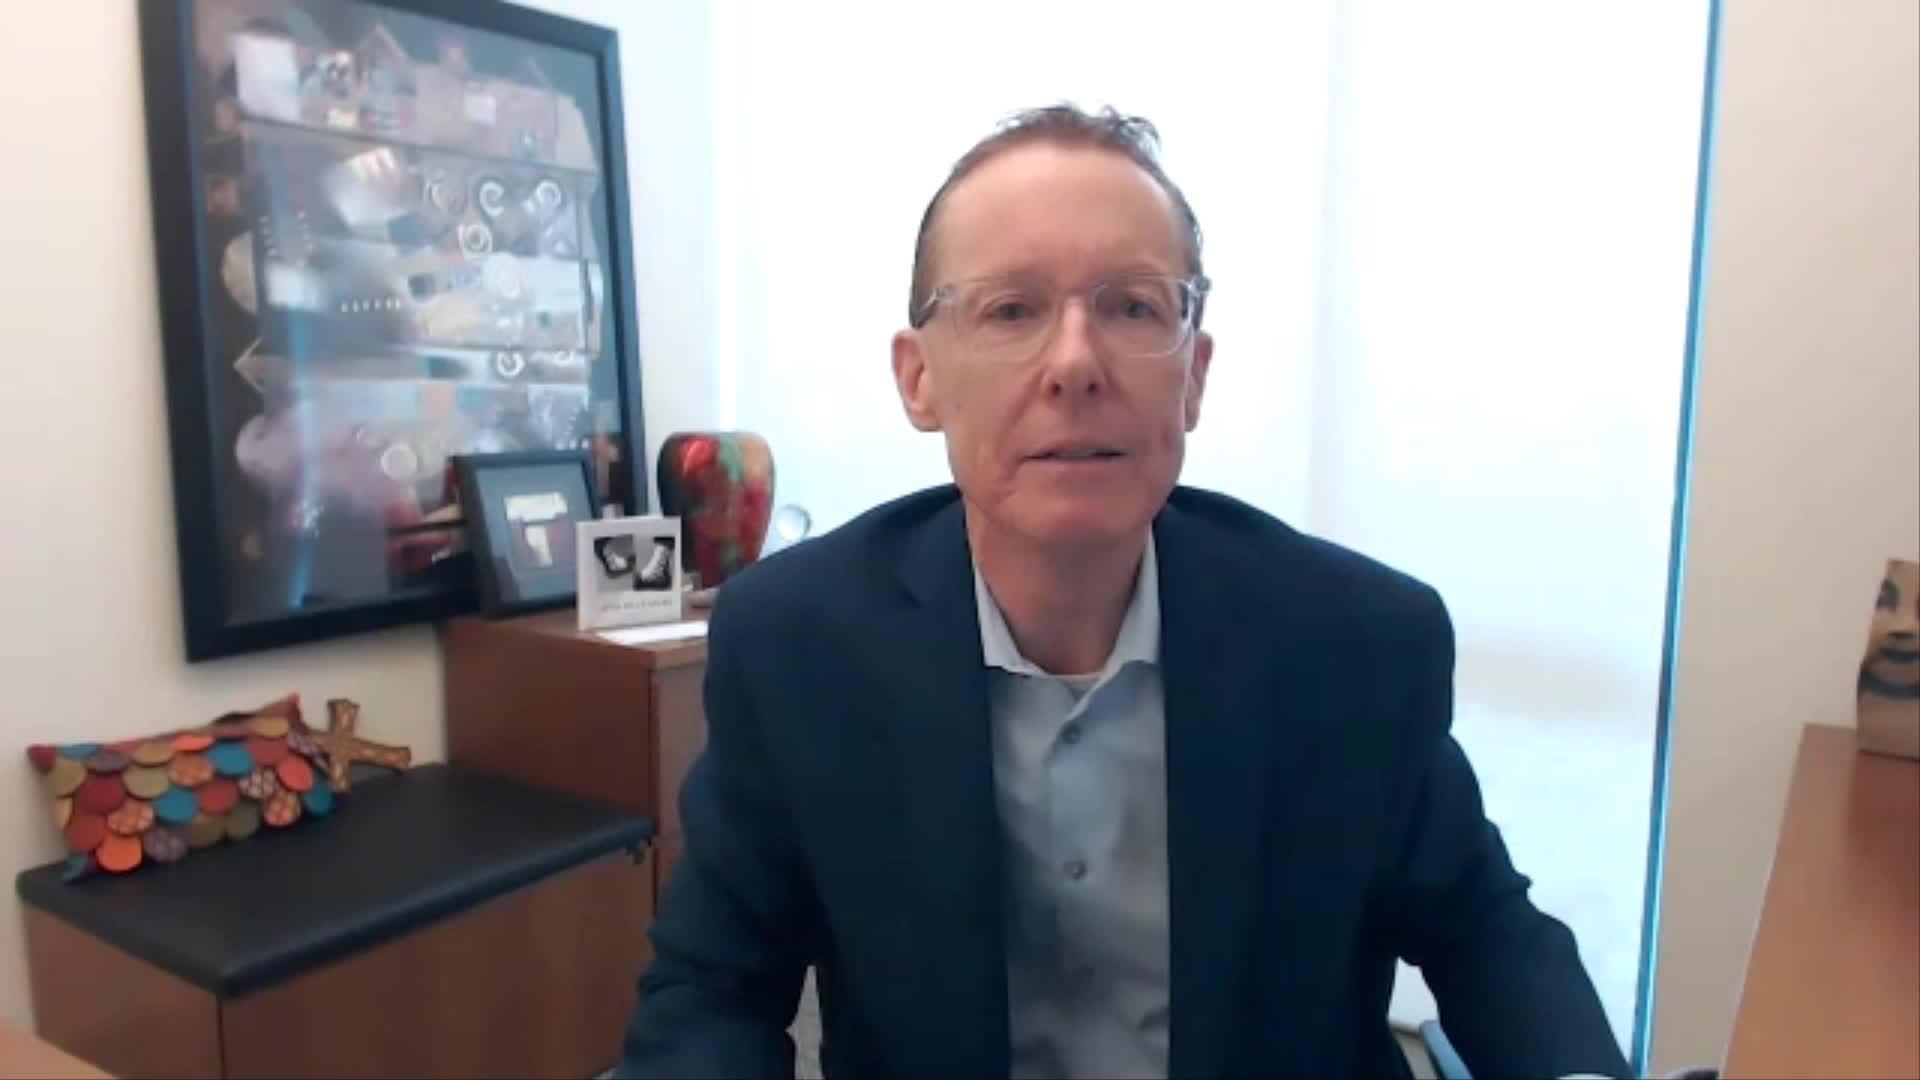 Dr. Bill Sawyer